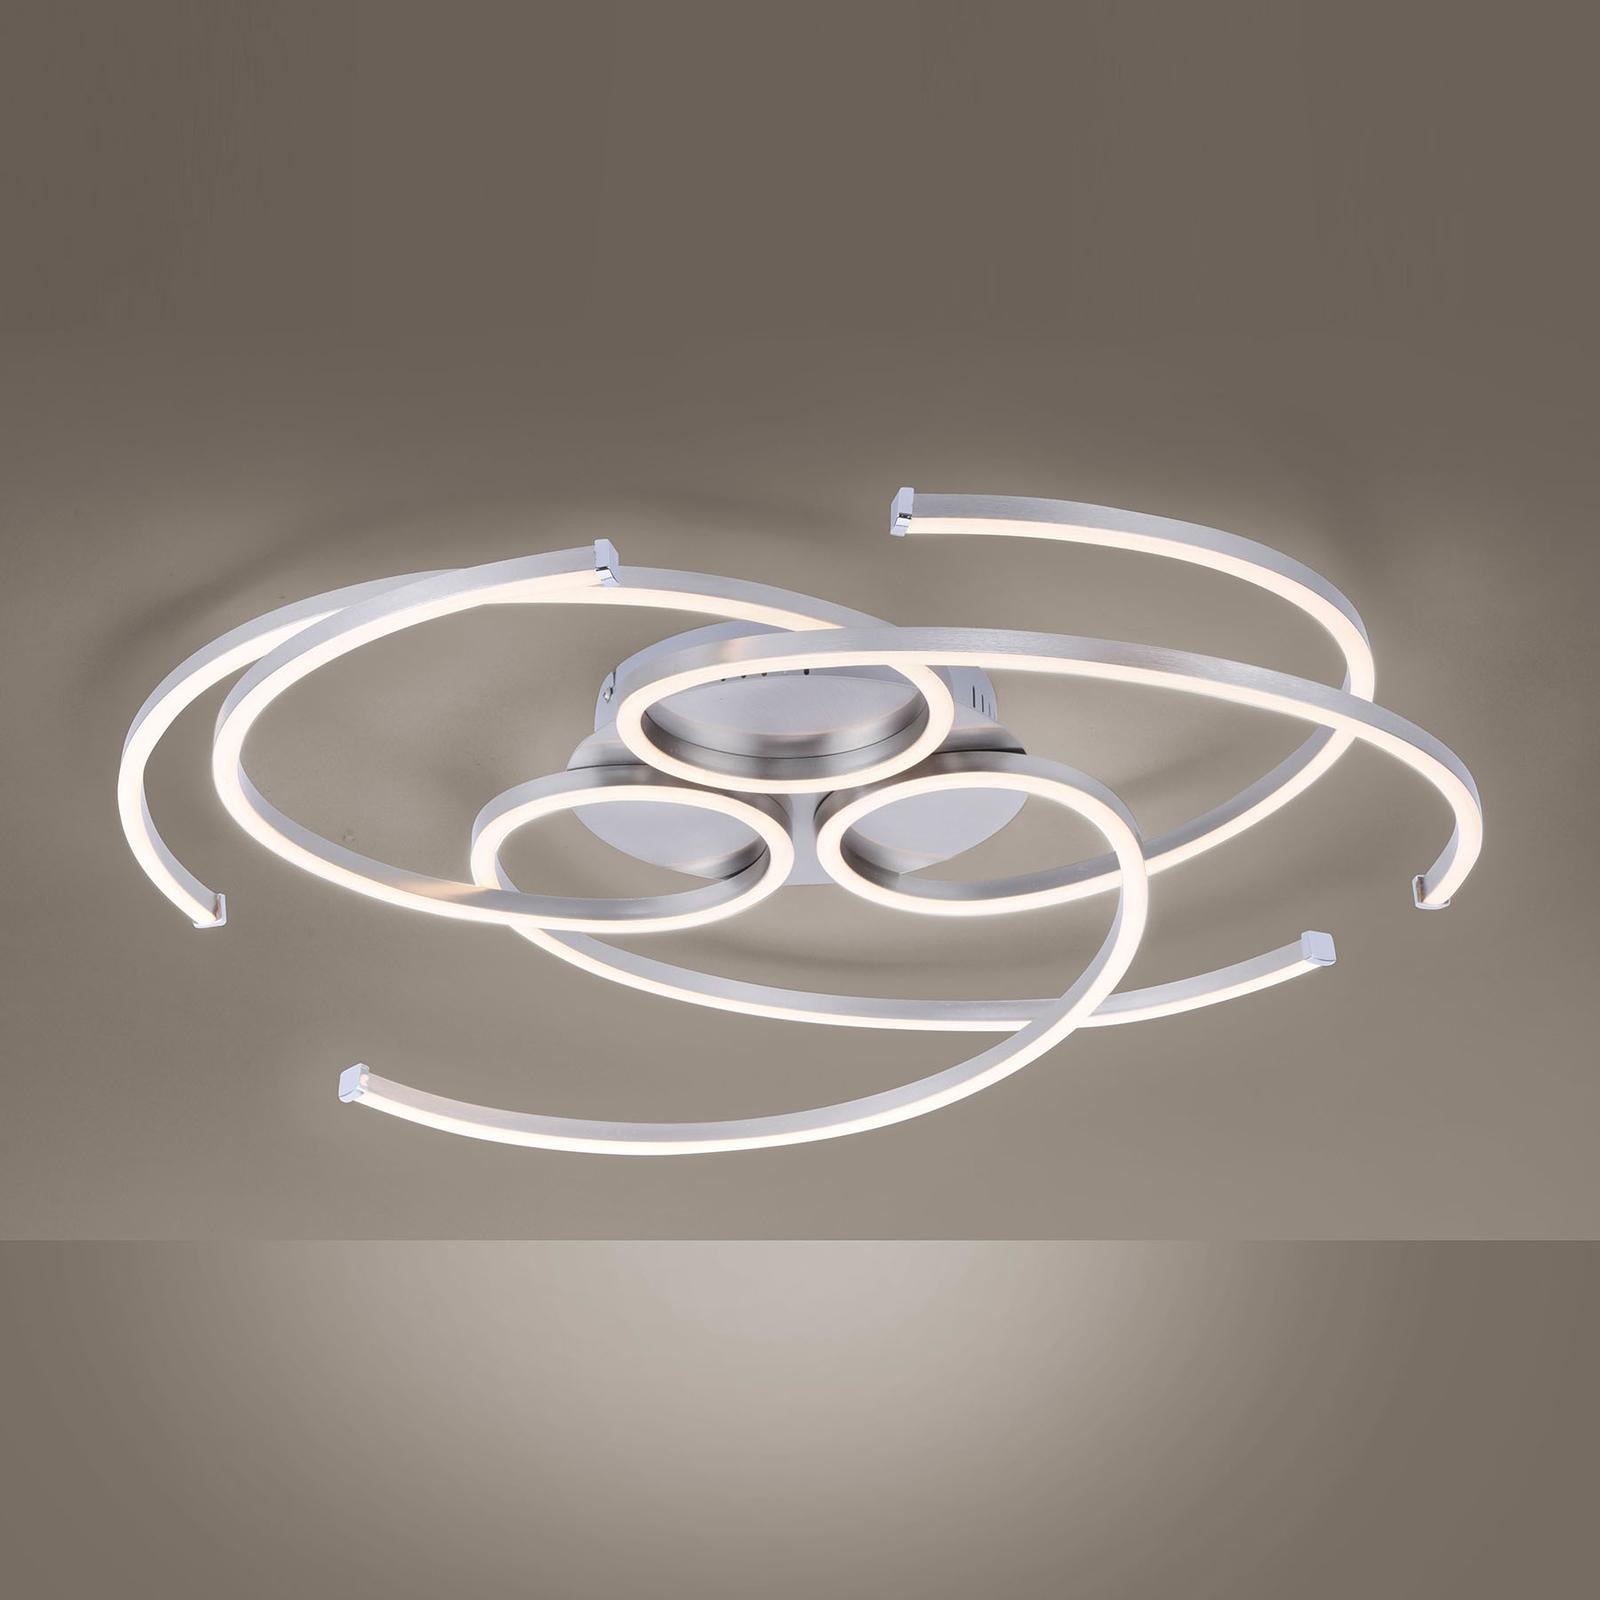 LED-kattovalaisin Danilo himmennys seinäkytkimellä